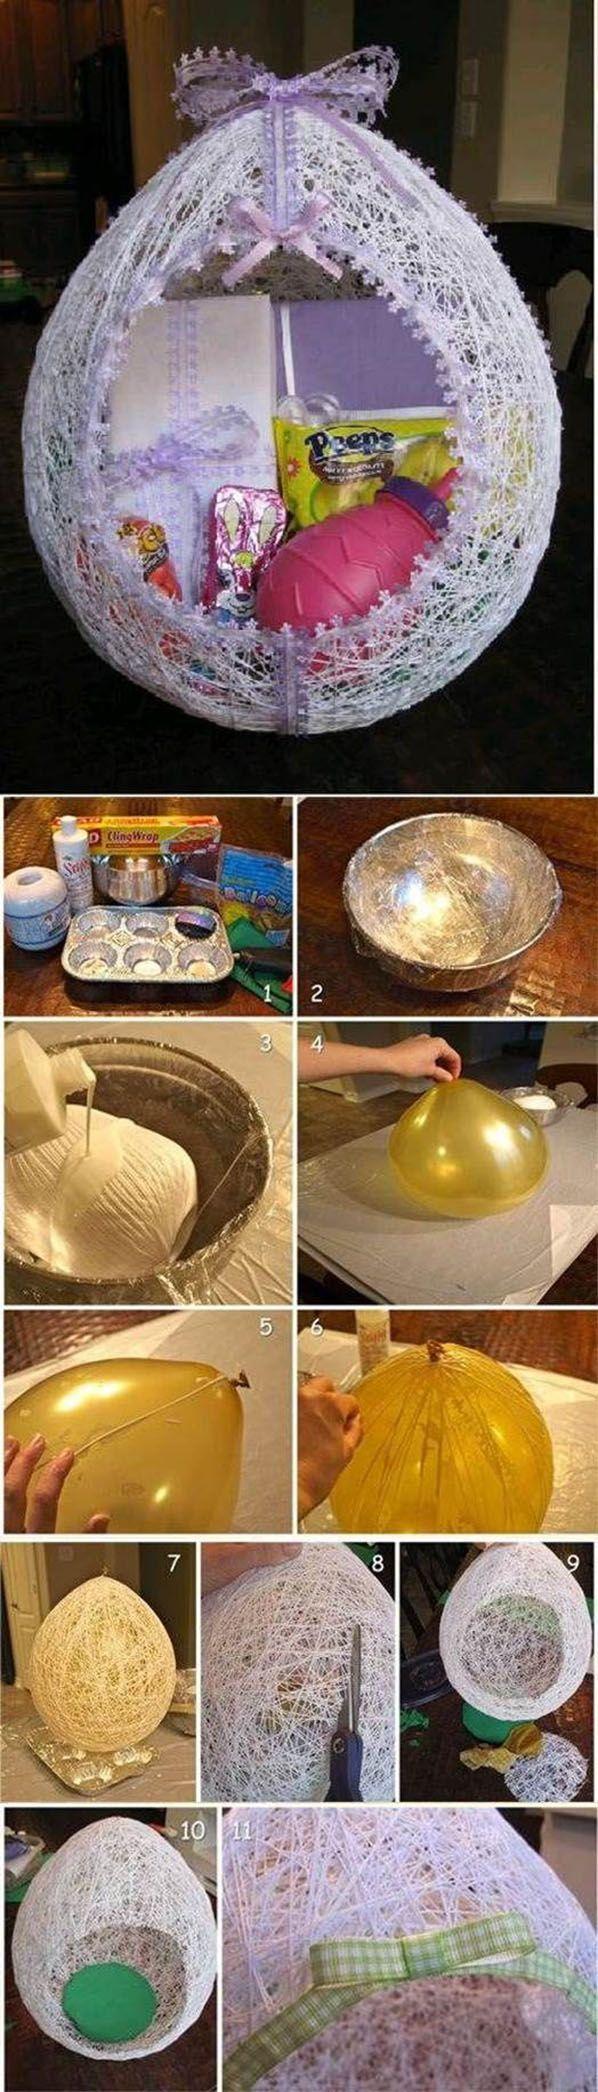 Huevo con hilo con globo y cola vinilica/plasticola